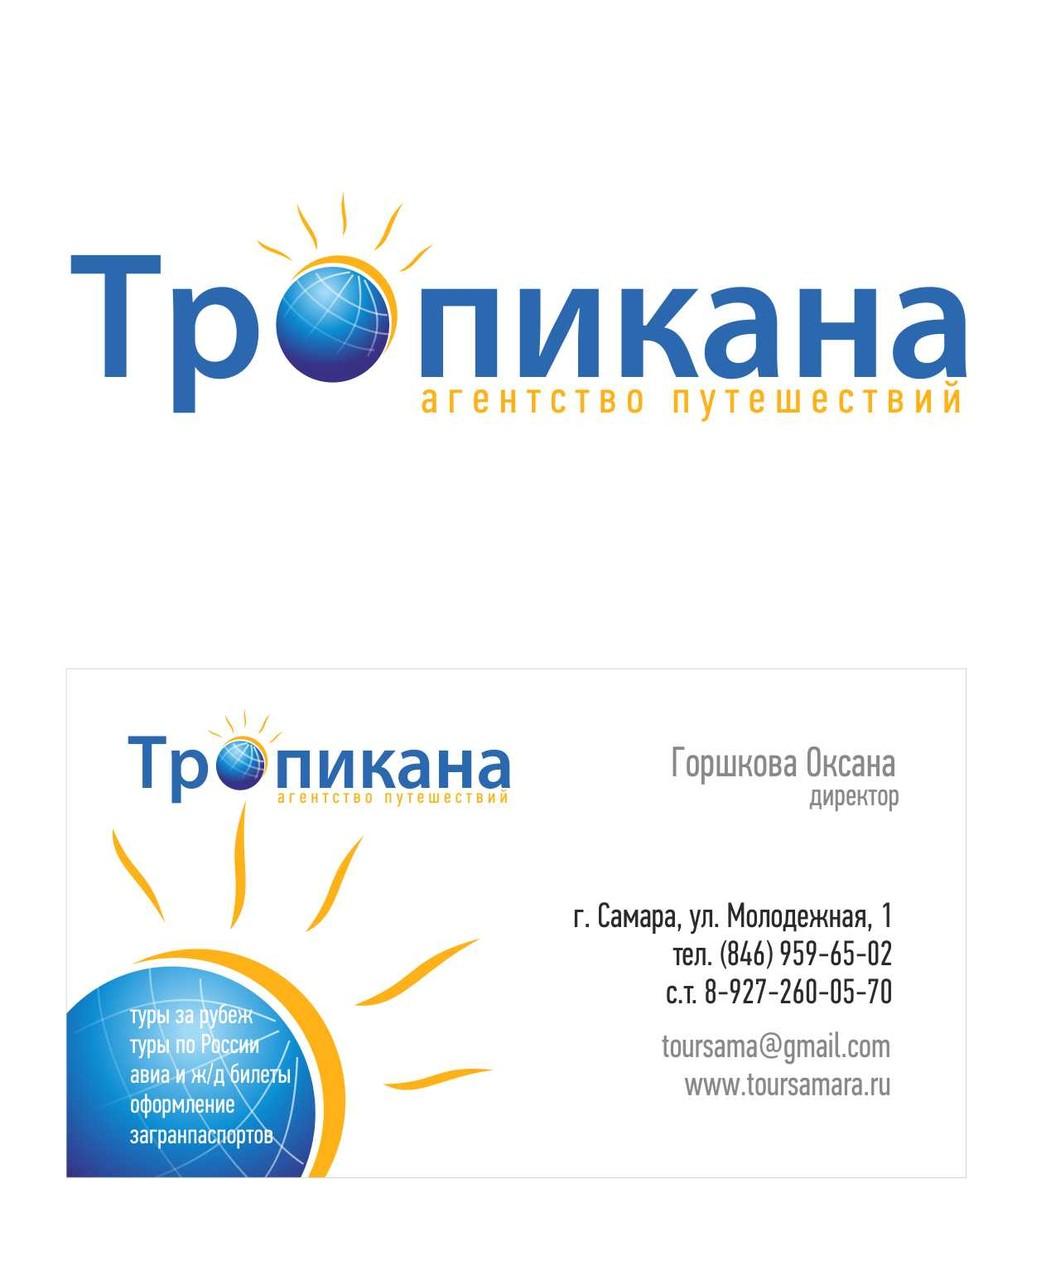 логотип и визитка для турфирмы